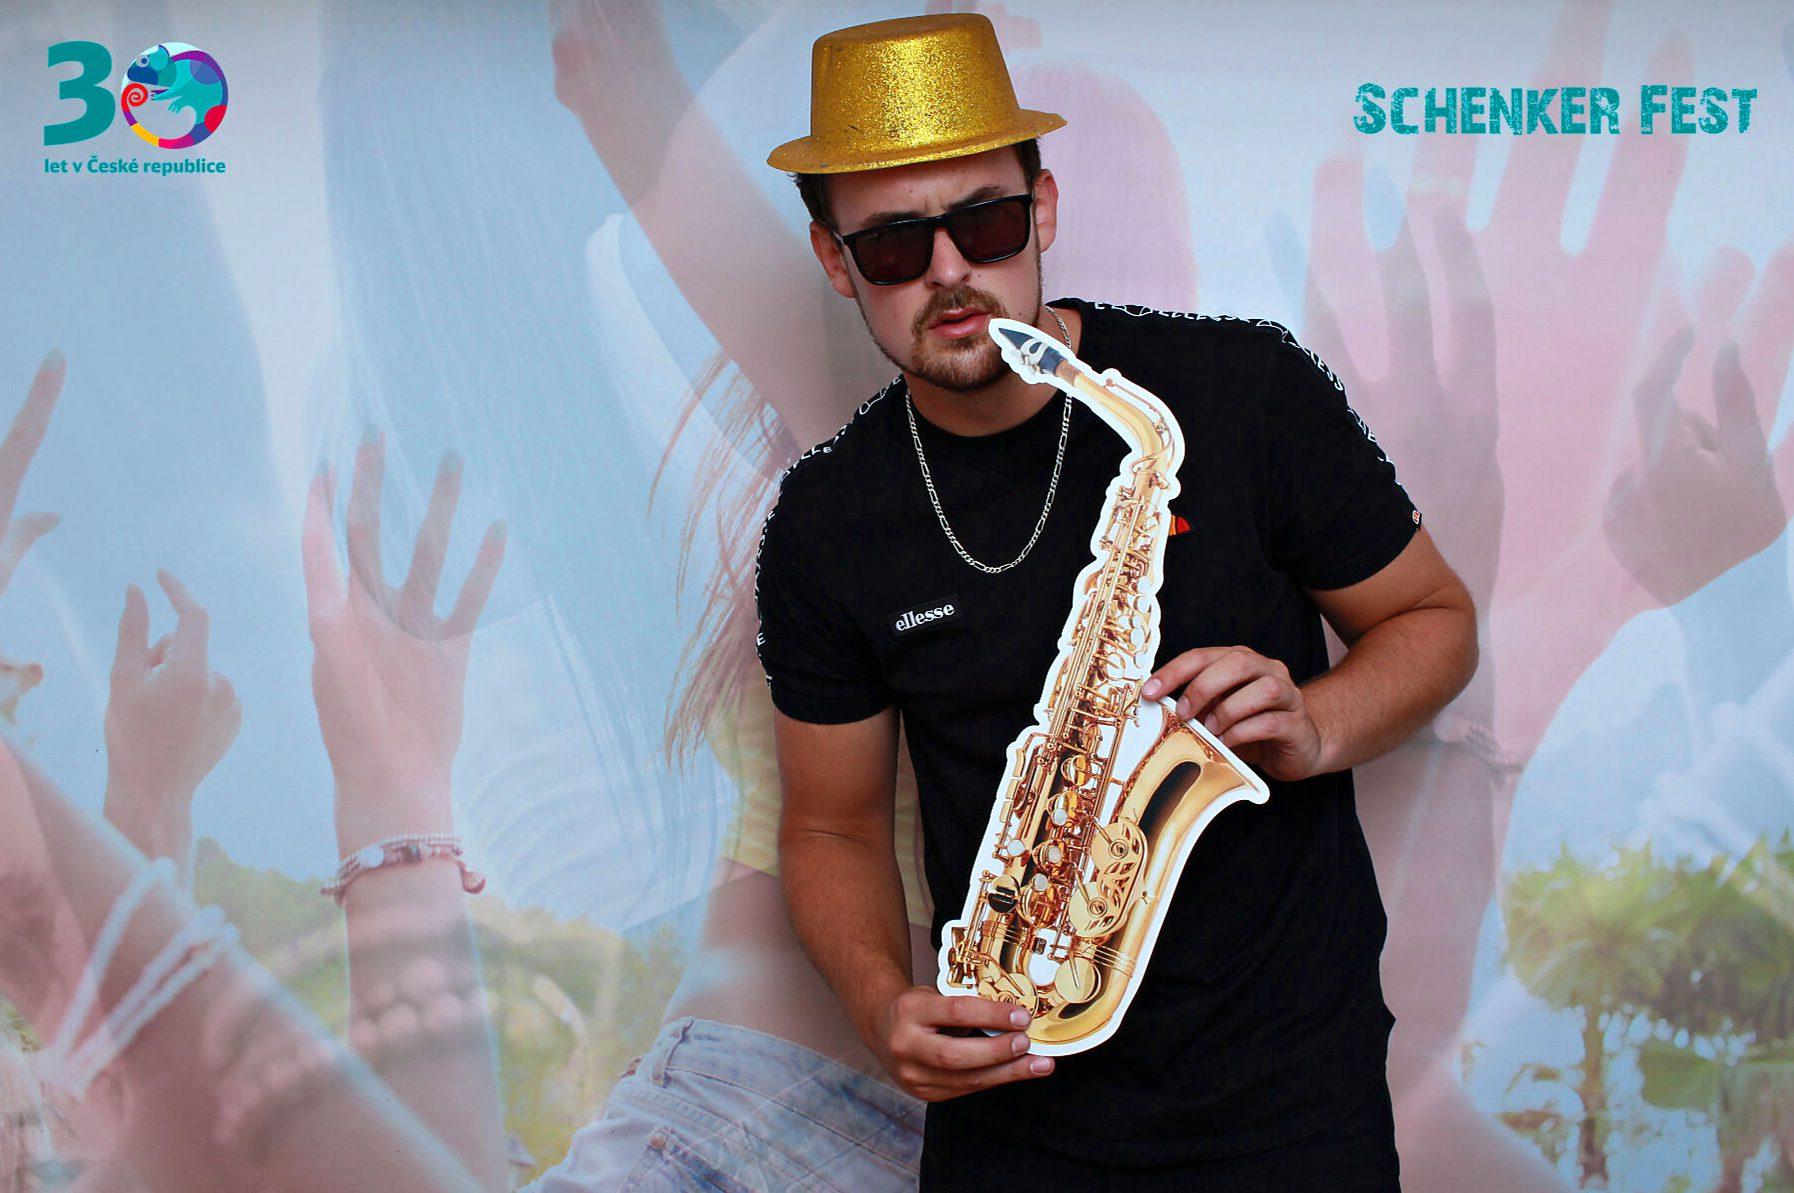 fotokoutek-family-day-festival-schenker-fest-4-9-2021-747162